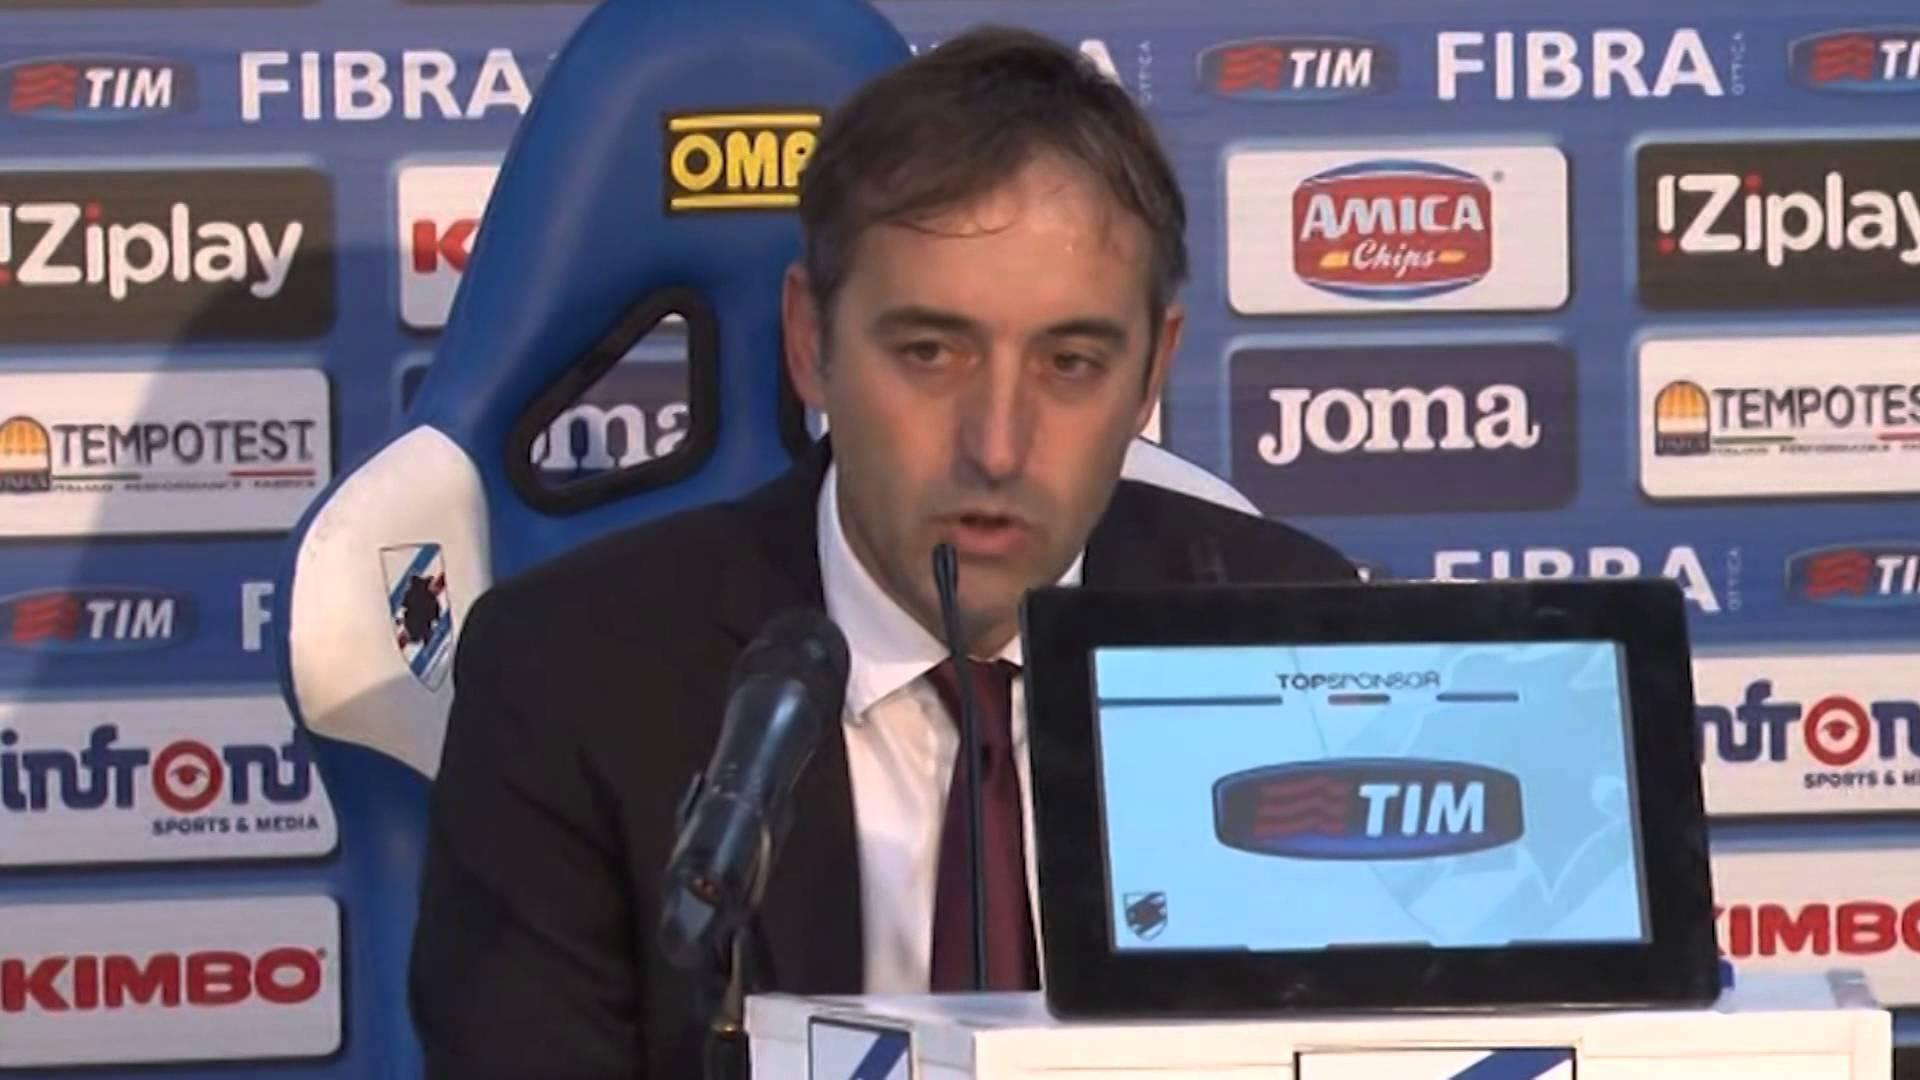 Roma-Sampdoria, Spalletti scherza su Allegri: